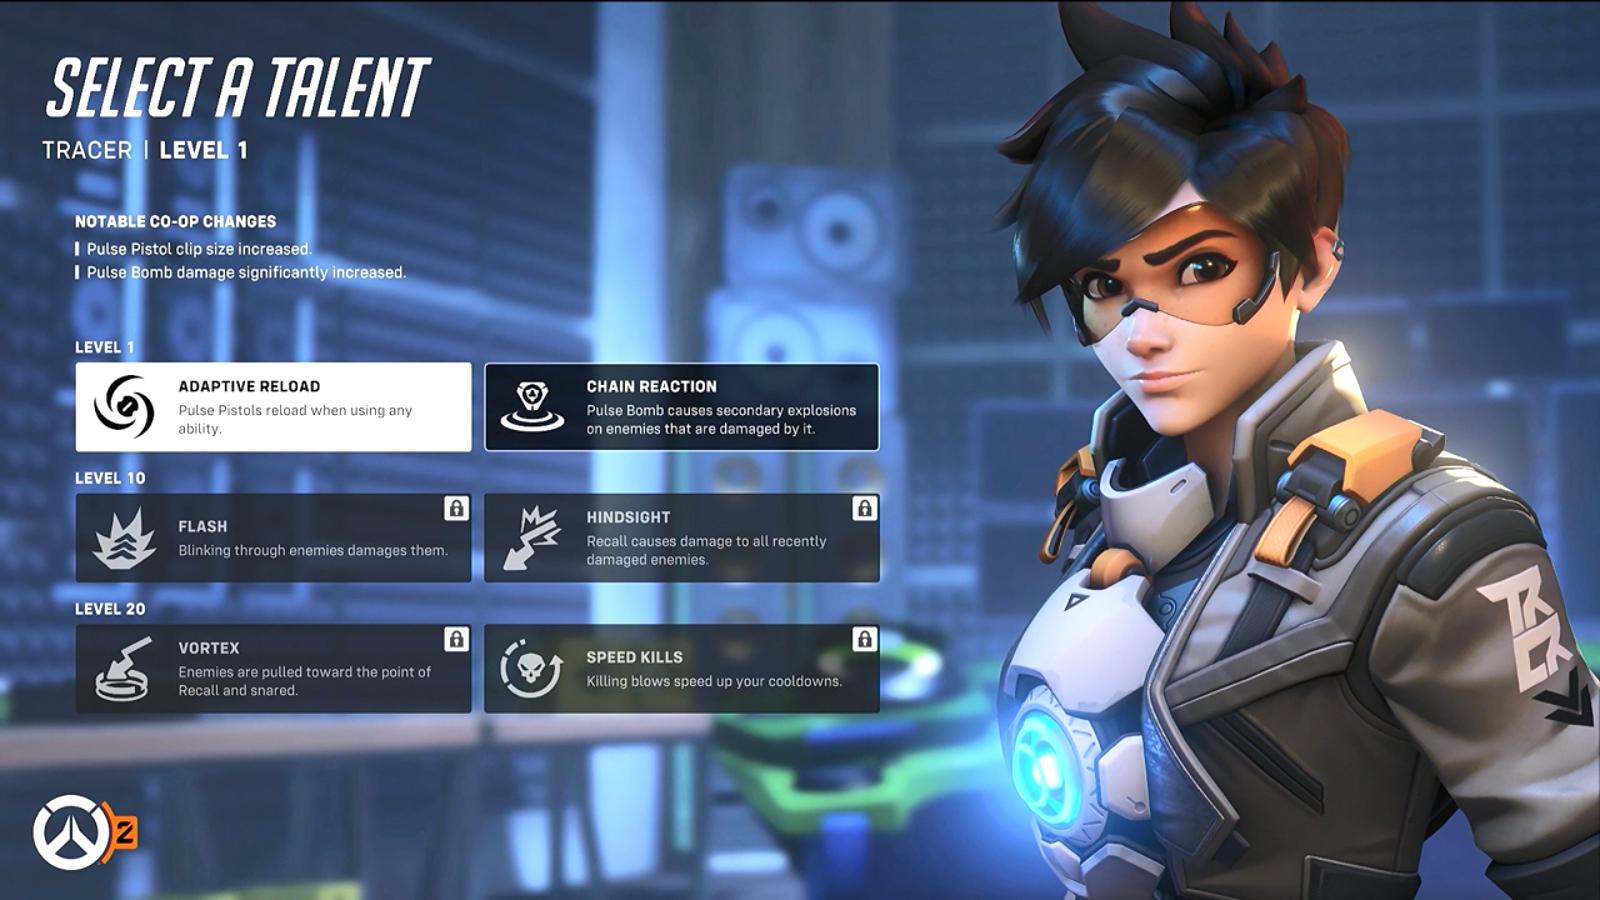 Avec le système de progression, vous pourrez adapter le héros à votre style de jeu